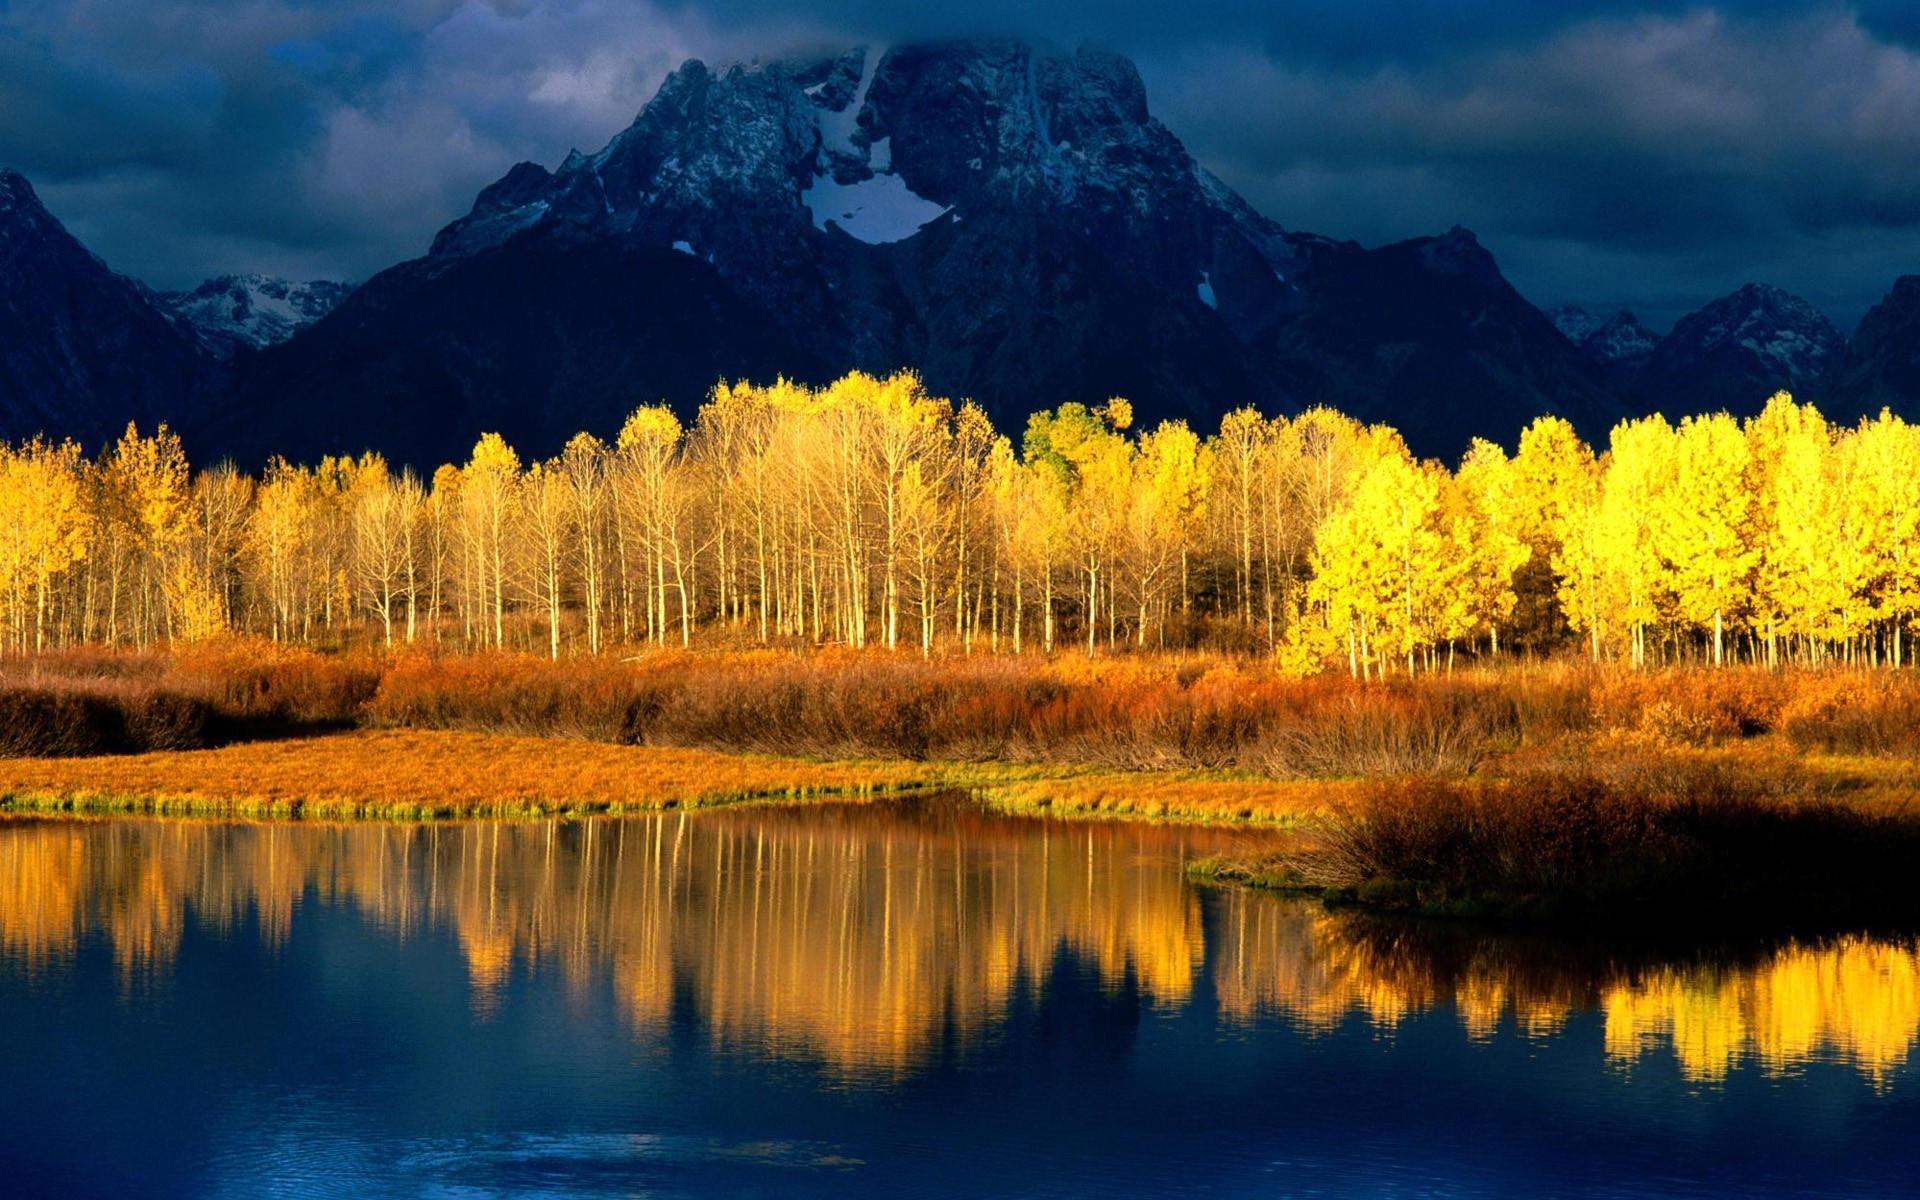 Желтые деревья под горами